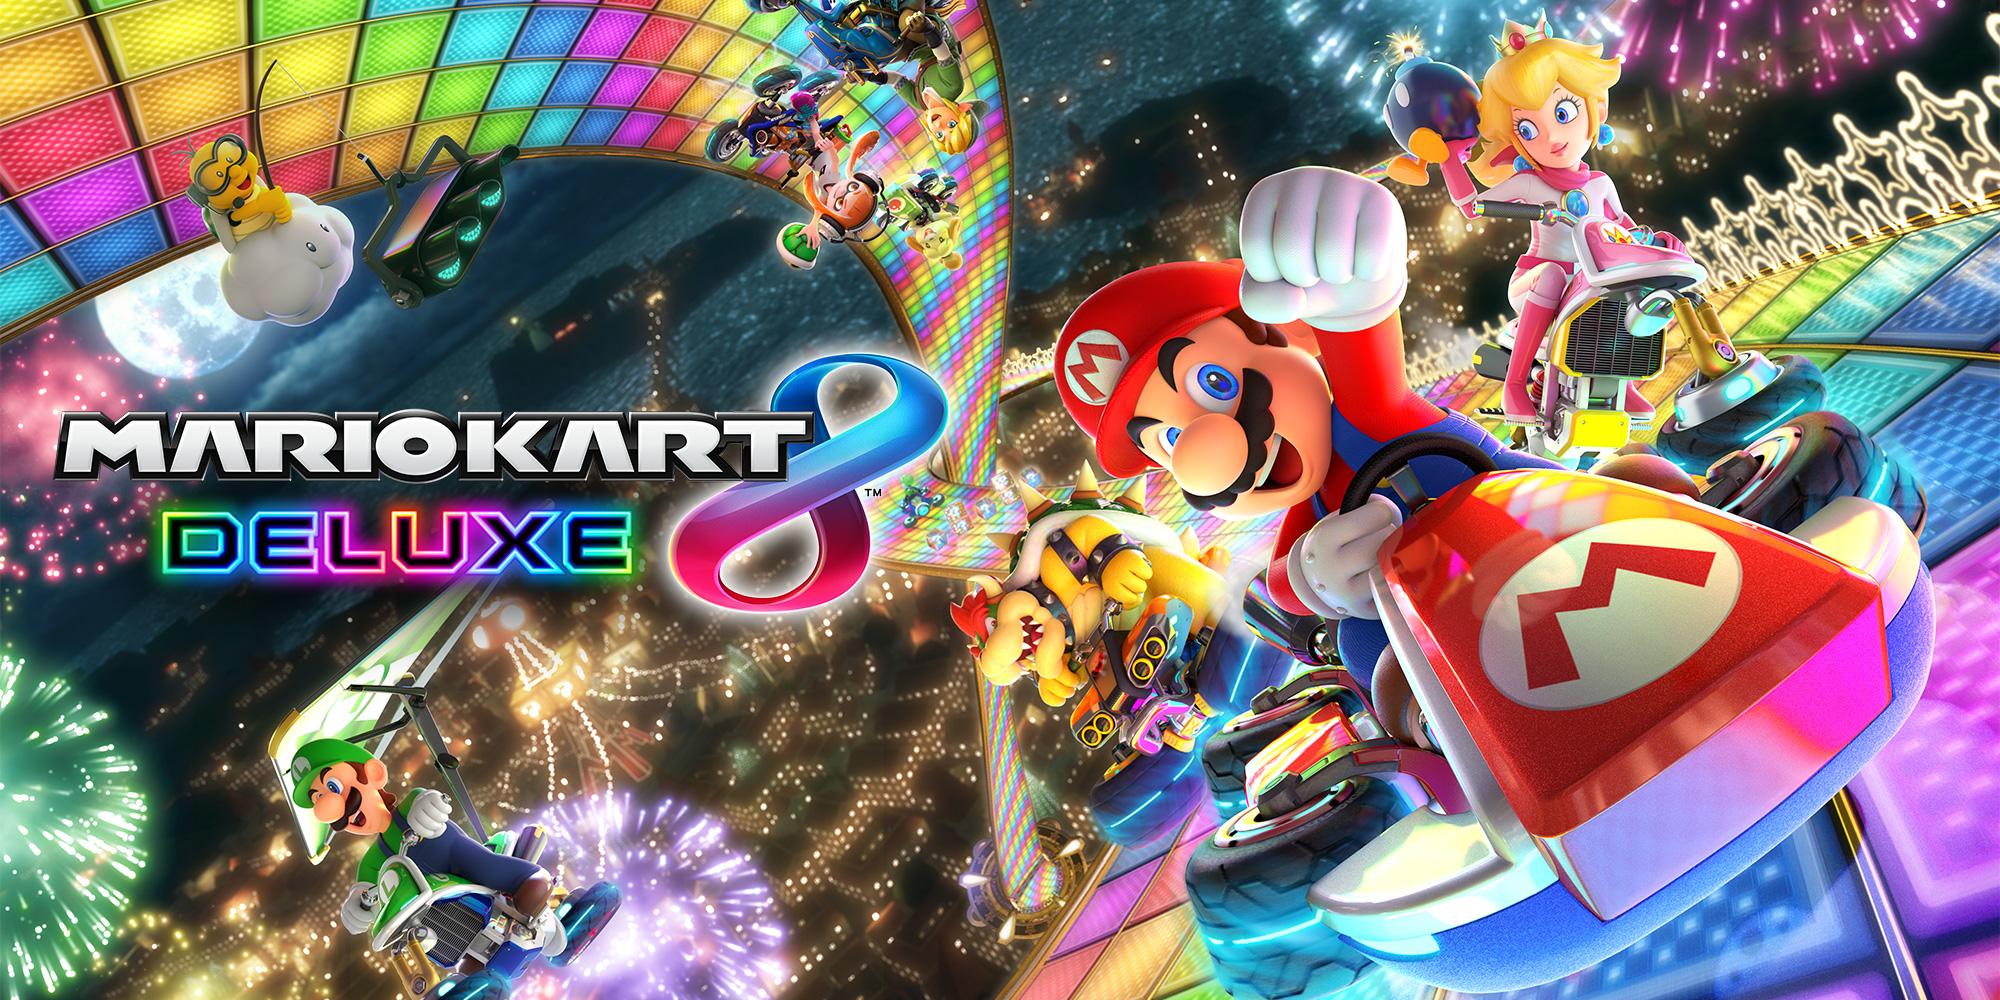 Classifica giochi più venduti in Italia: Mario trionfa ancora su console - Games Ninja